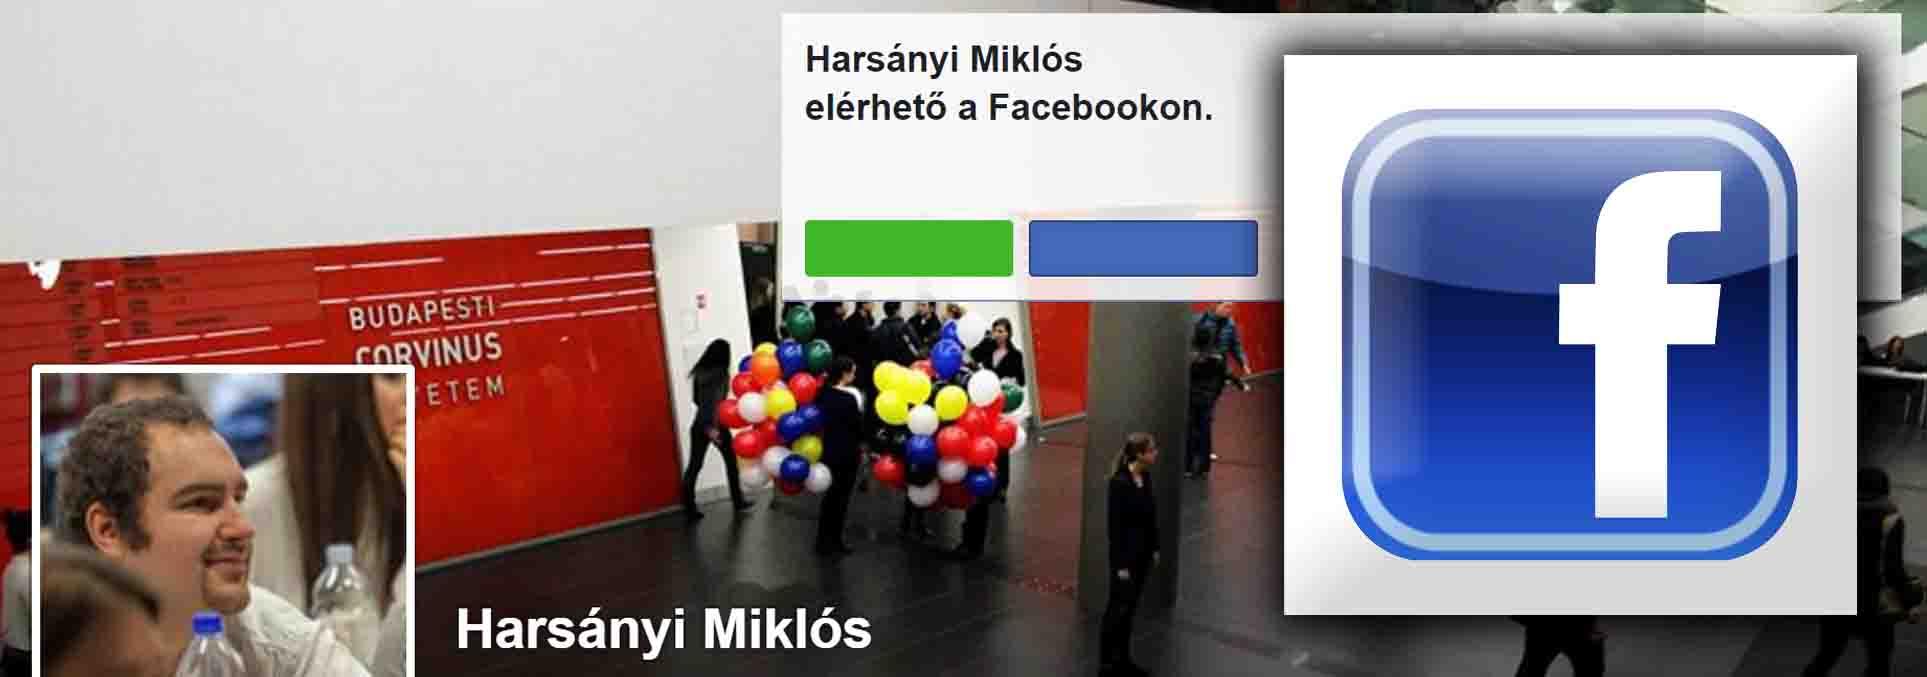 harsányi miklós facebook